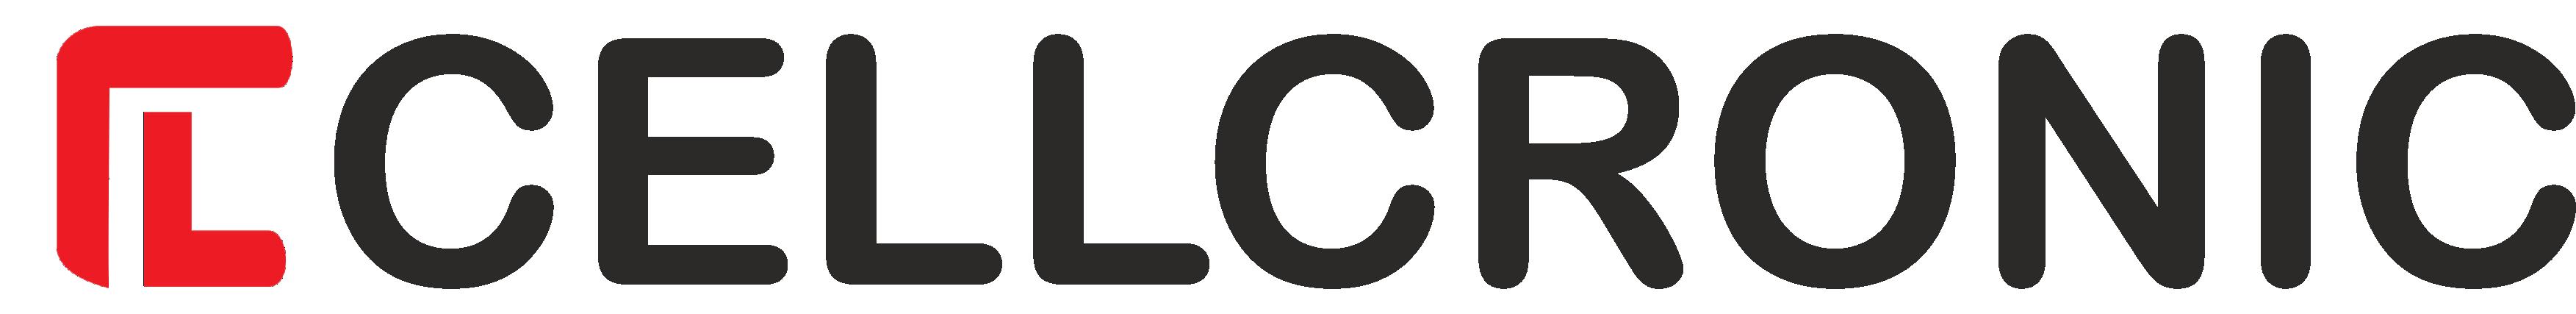 Cellcronic